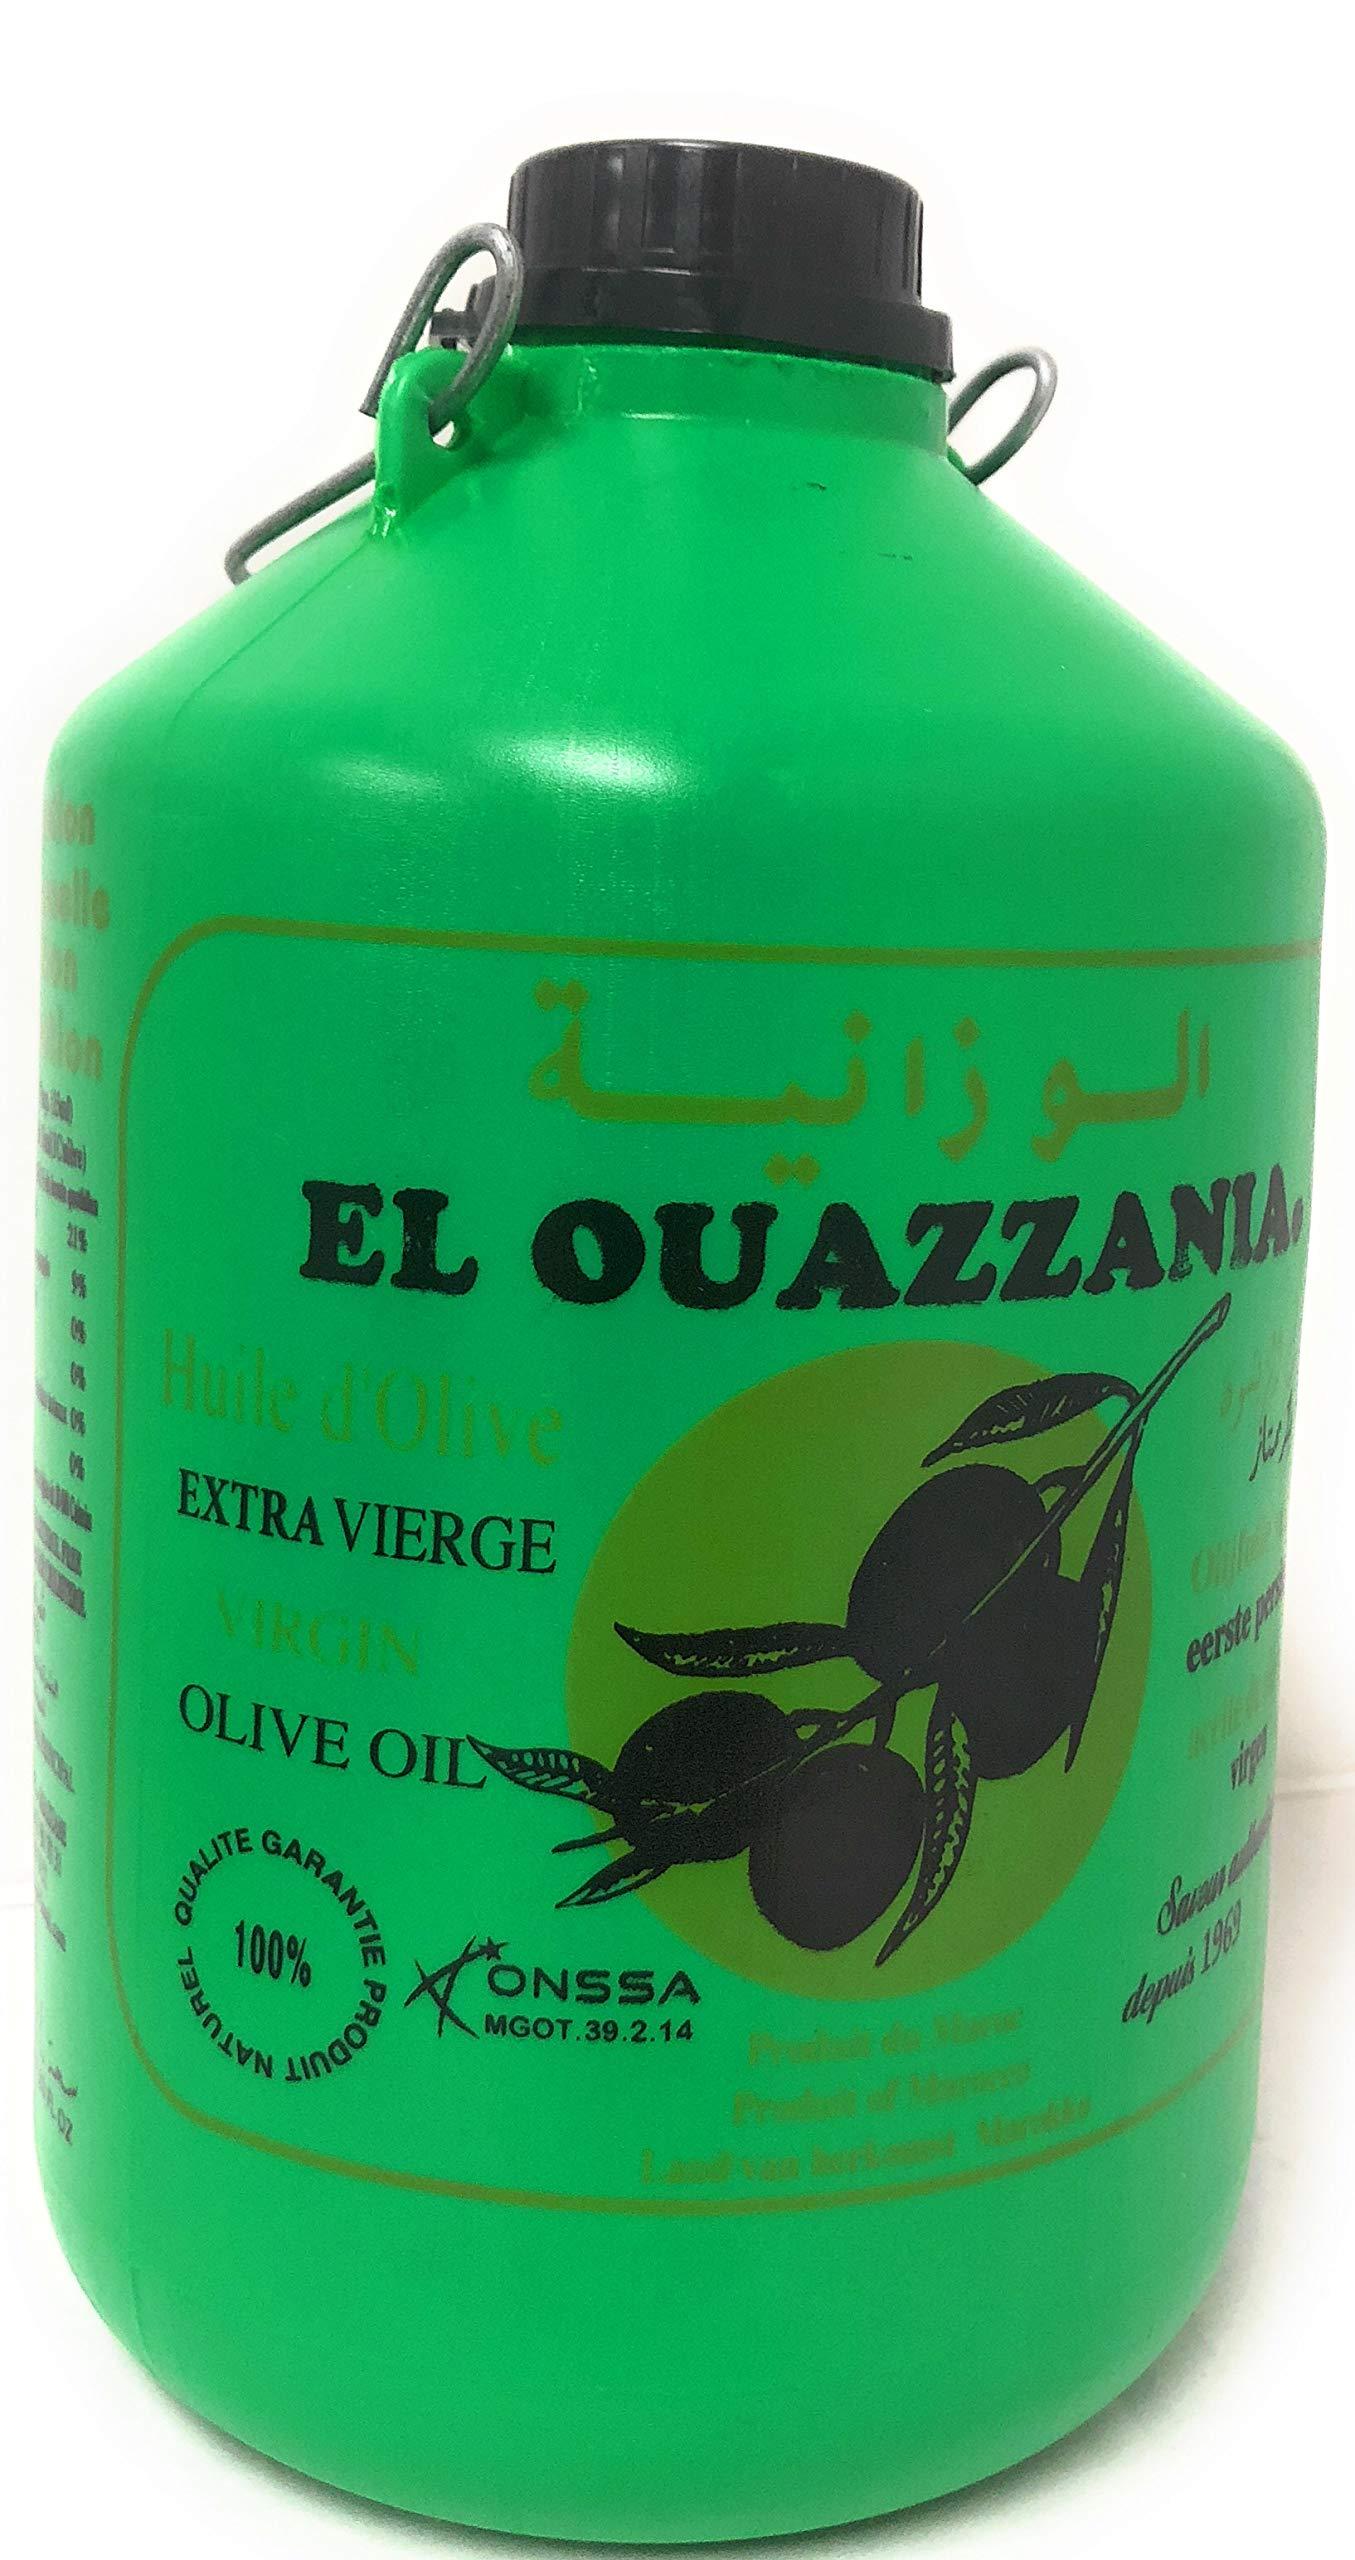 El Ouazzania Moroccan Olive Oil 68 Fl Oz, 2 L (Extra Virgin)